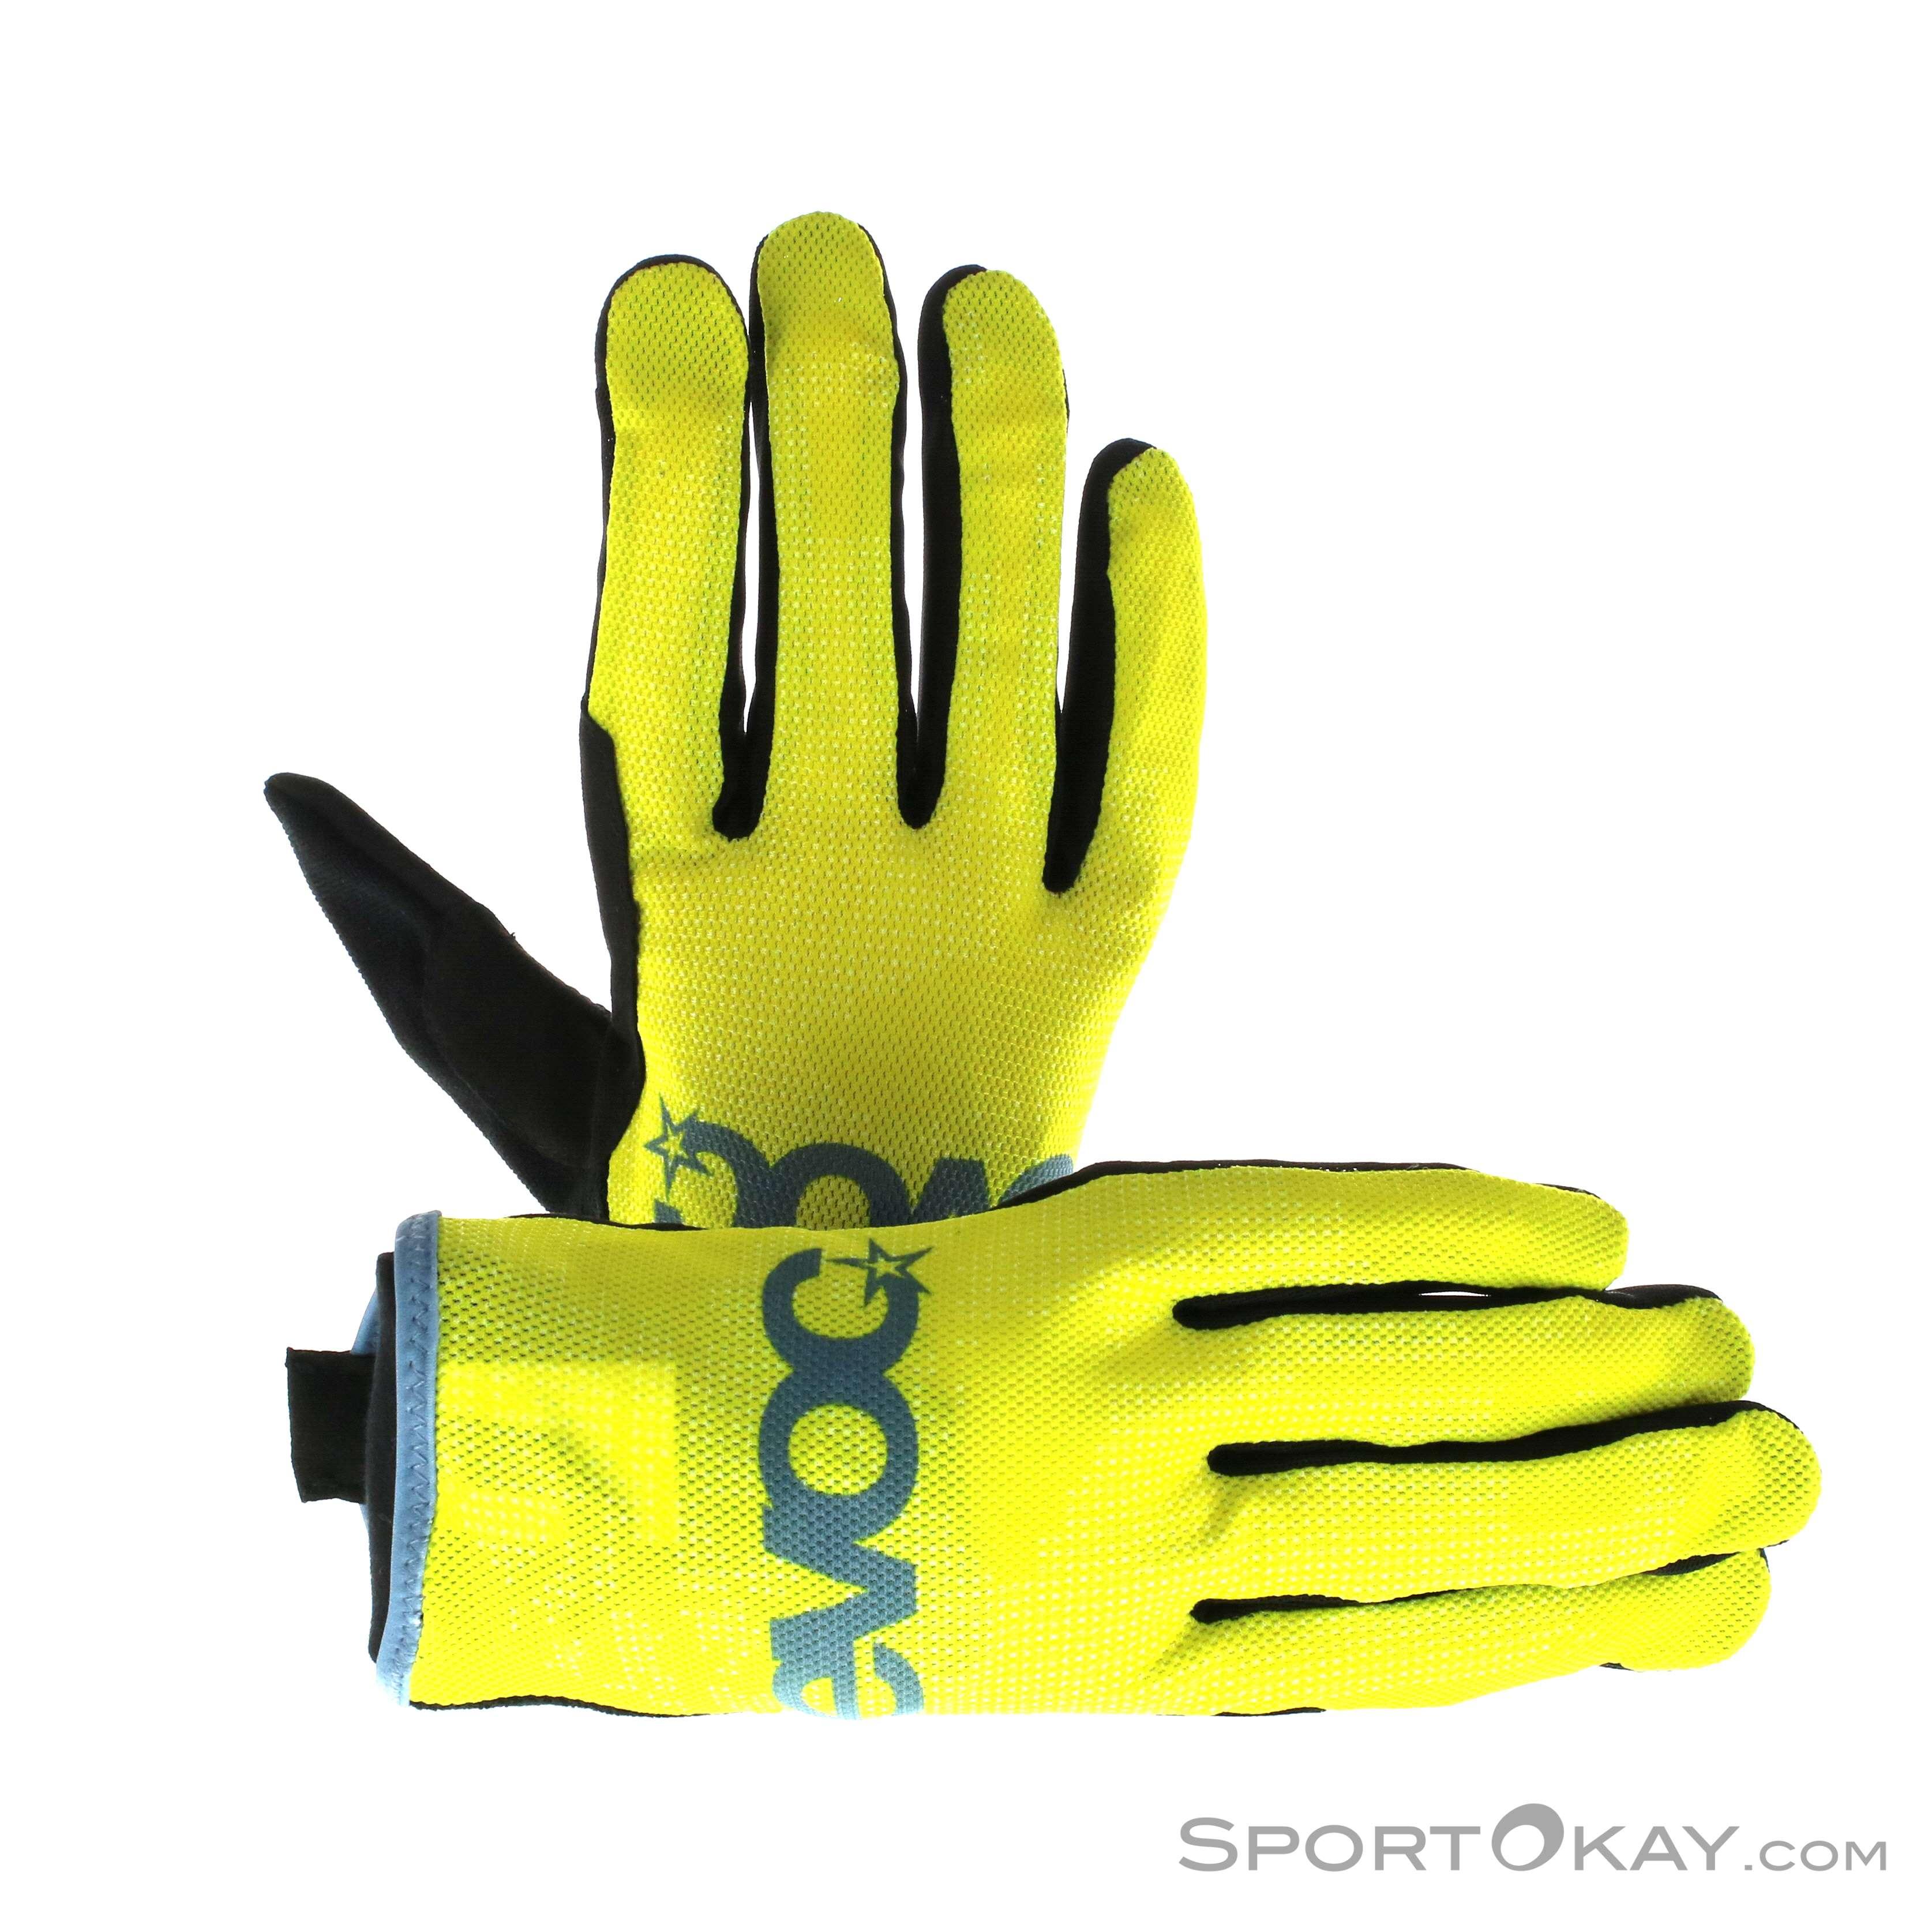 Evoc Lite Touch Gove Team Bikehandschuhe, Evoc, Gelb, , Herren, 0152-10183, 5637545855, 4250450713999, N1-01.jpg